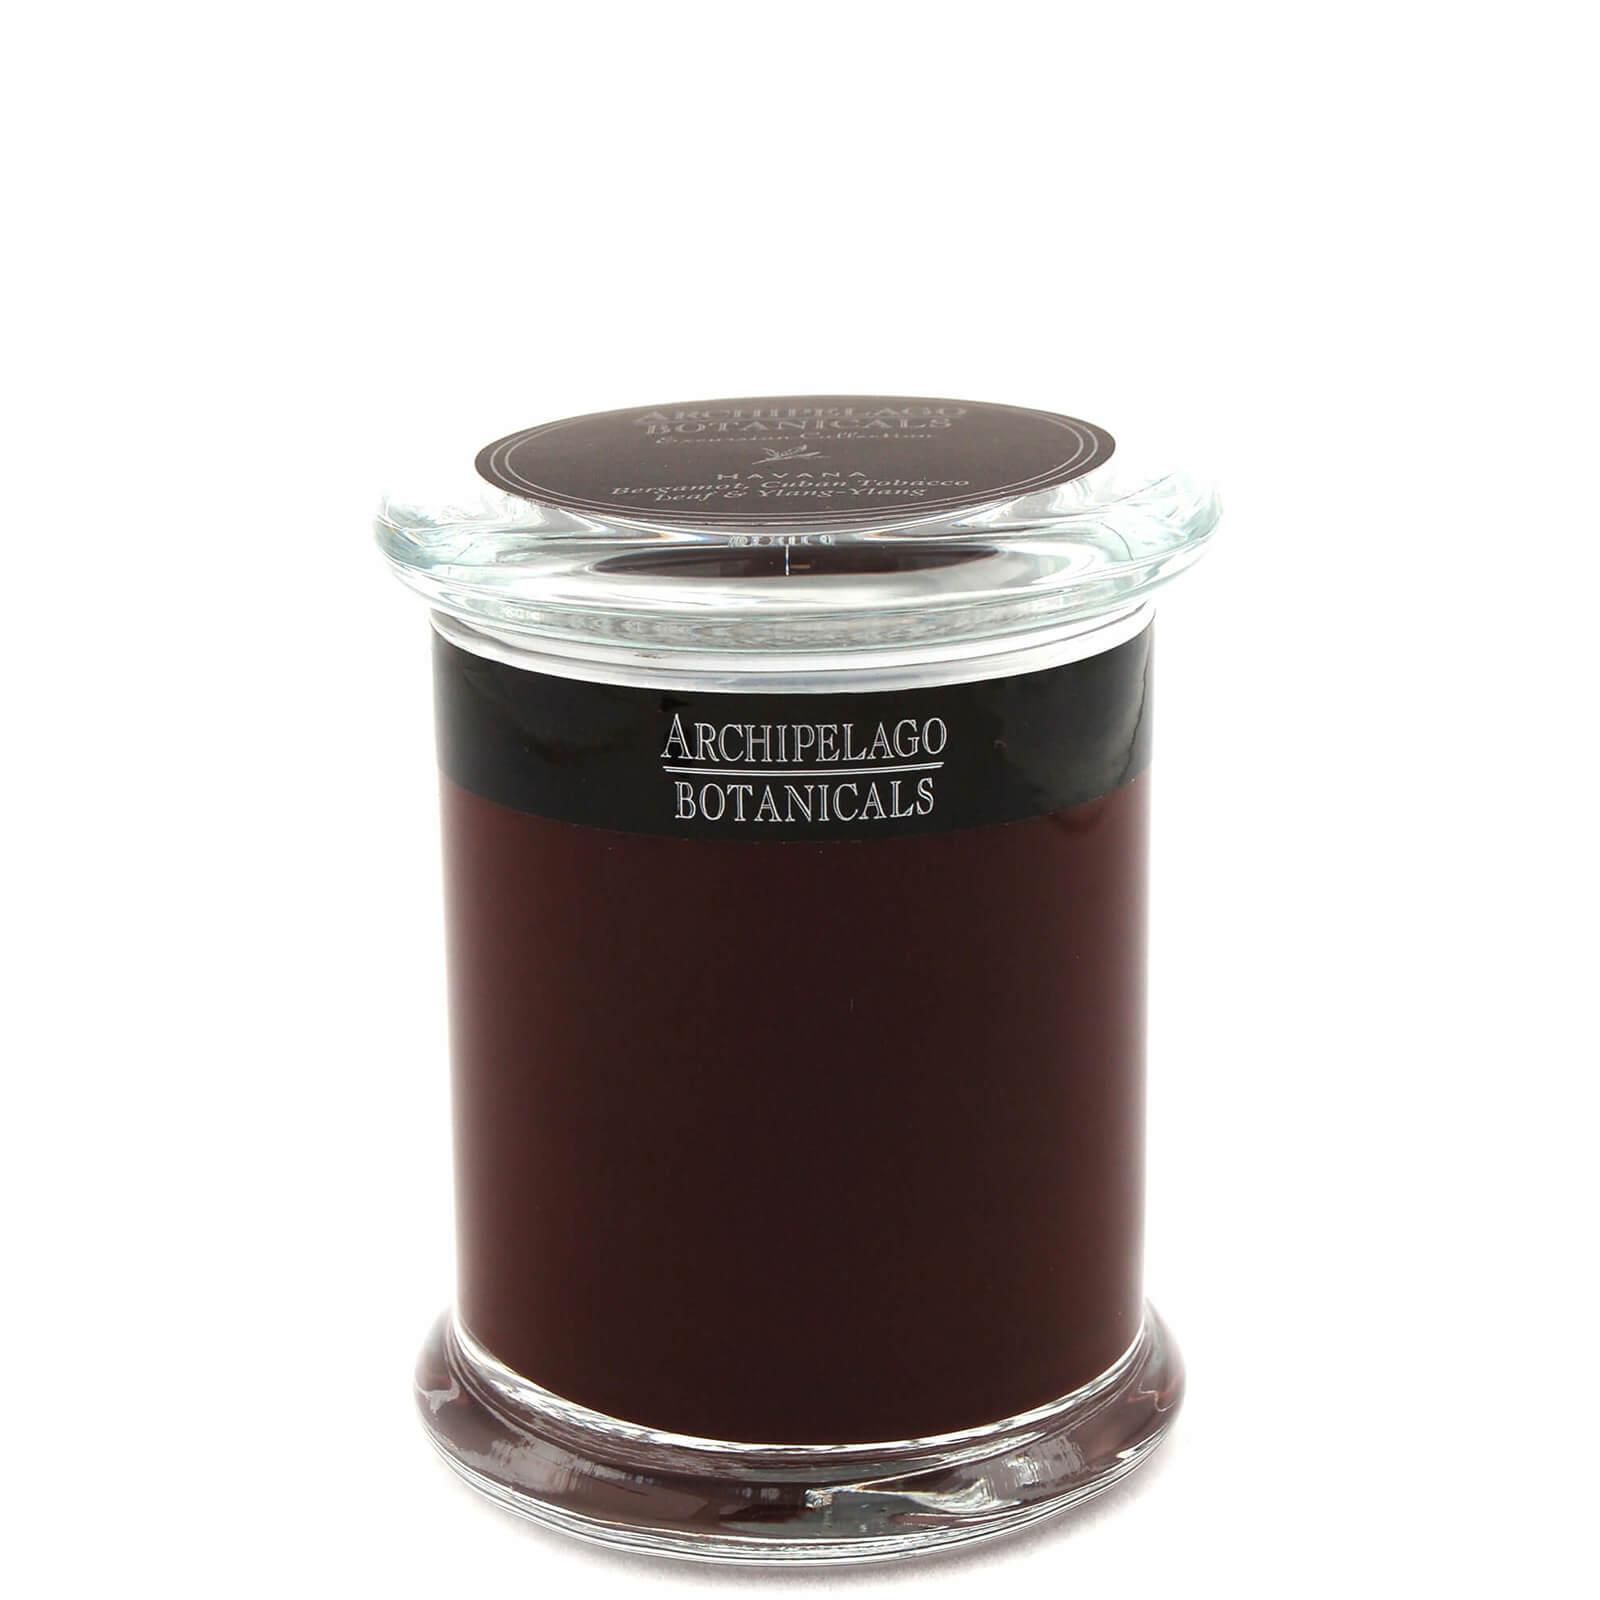 Купить Декоративная ароматическая свеча в стеклянной баночкеArchipelago Botanicals Excursions Jar Havana Candle 244г